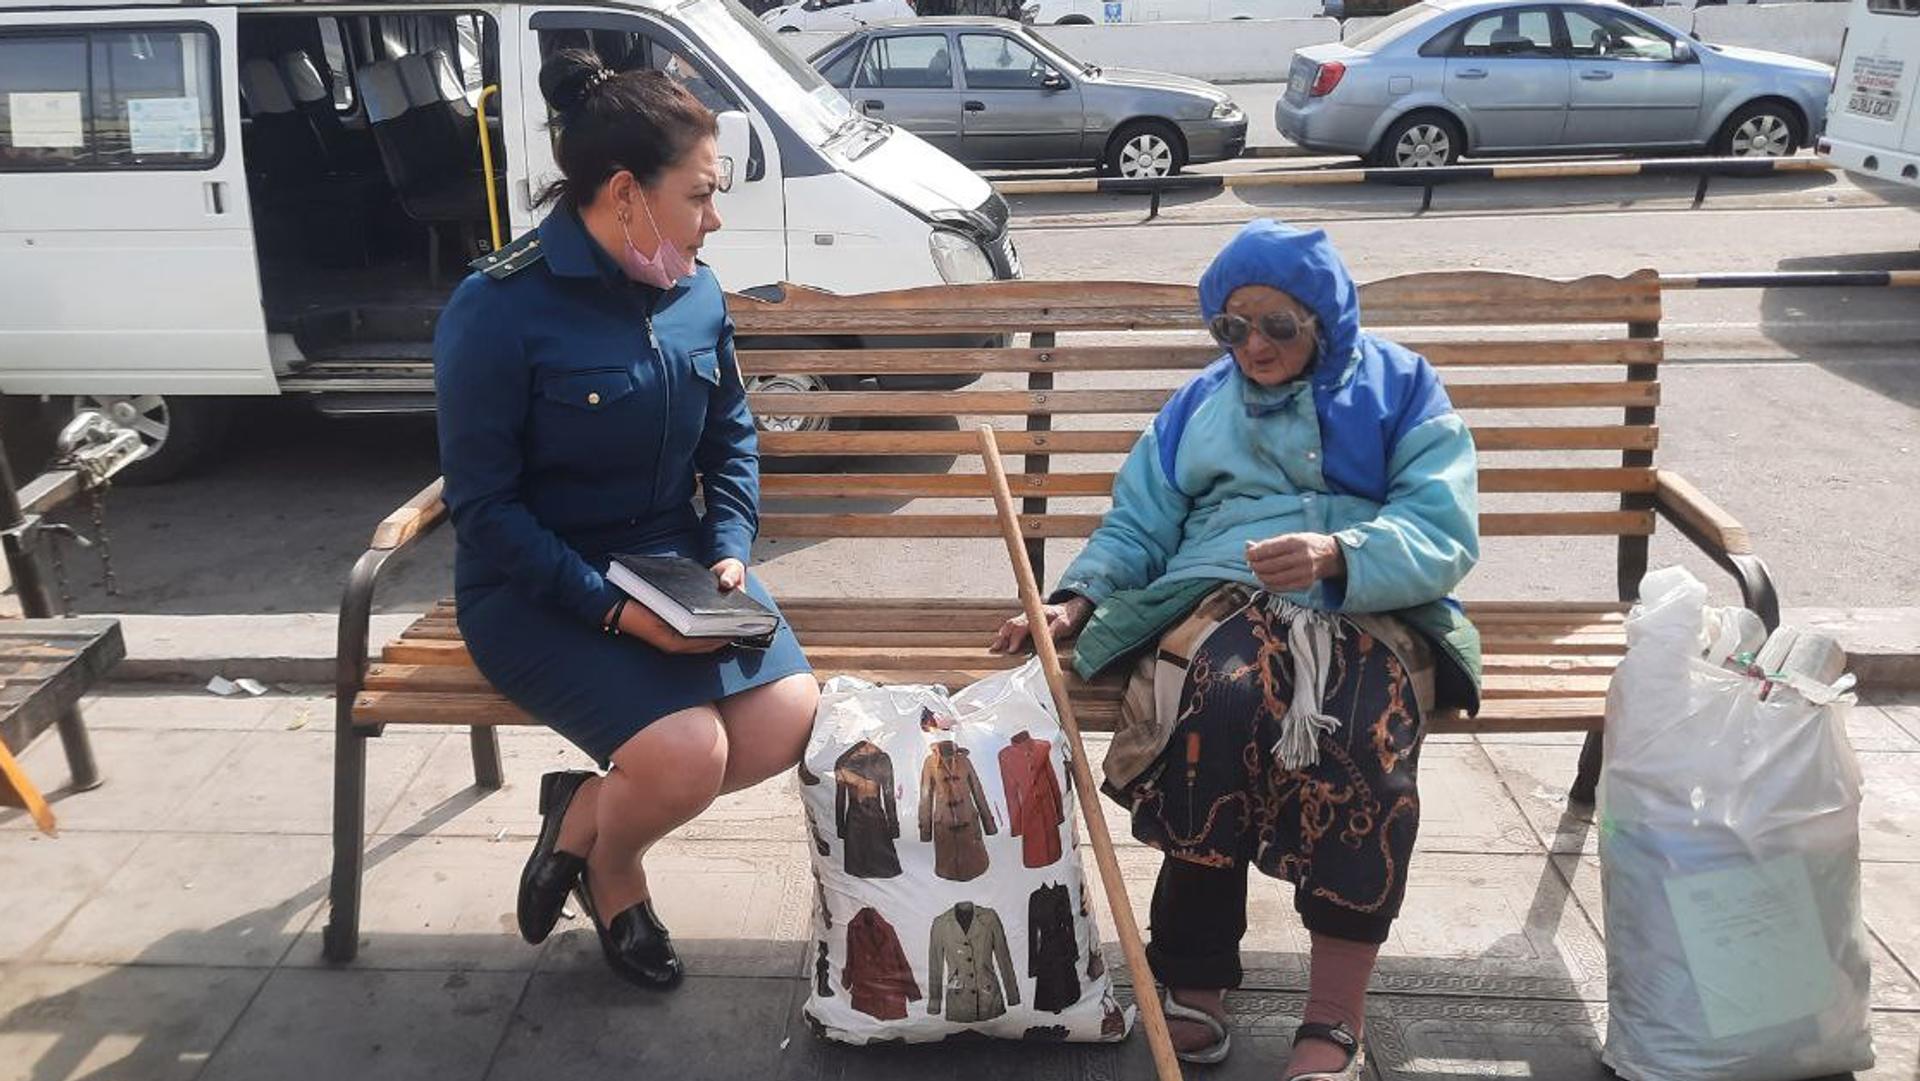 Правоохранители пришли на помощь бездомной женщине в Ташкенте - Sputnik Узбекистан, 1920, 07.10.2021